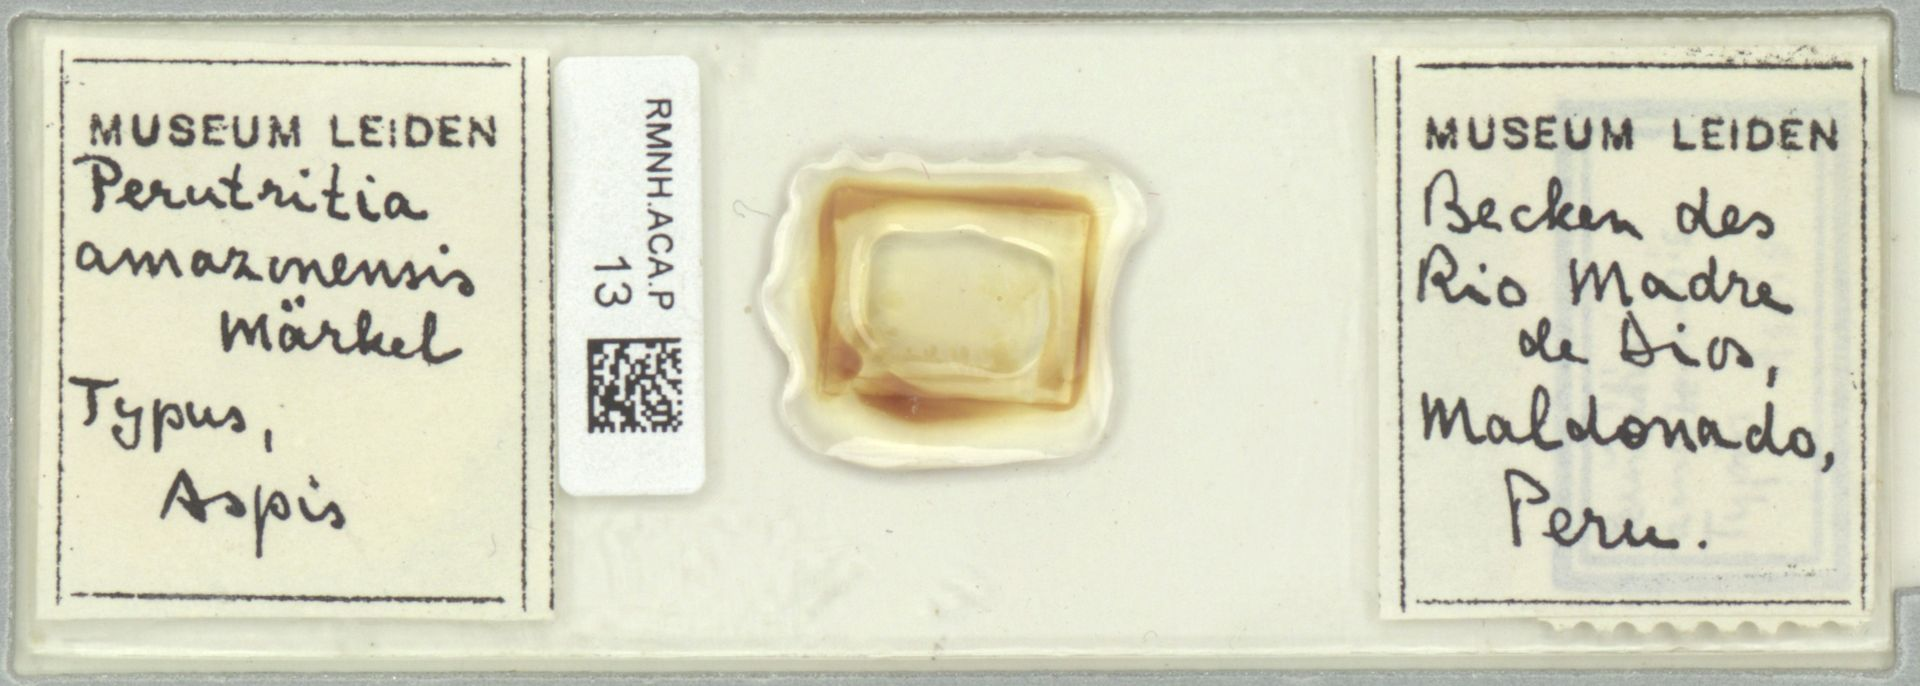 RMNH.ACA.P.13   Perutritia amazonensis Märkel